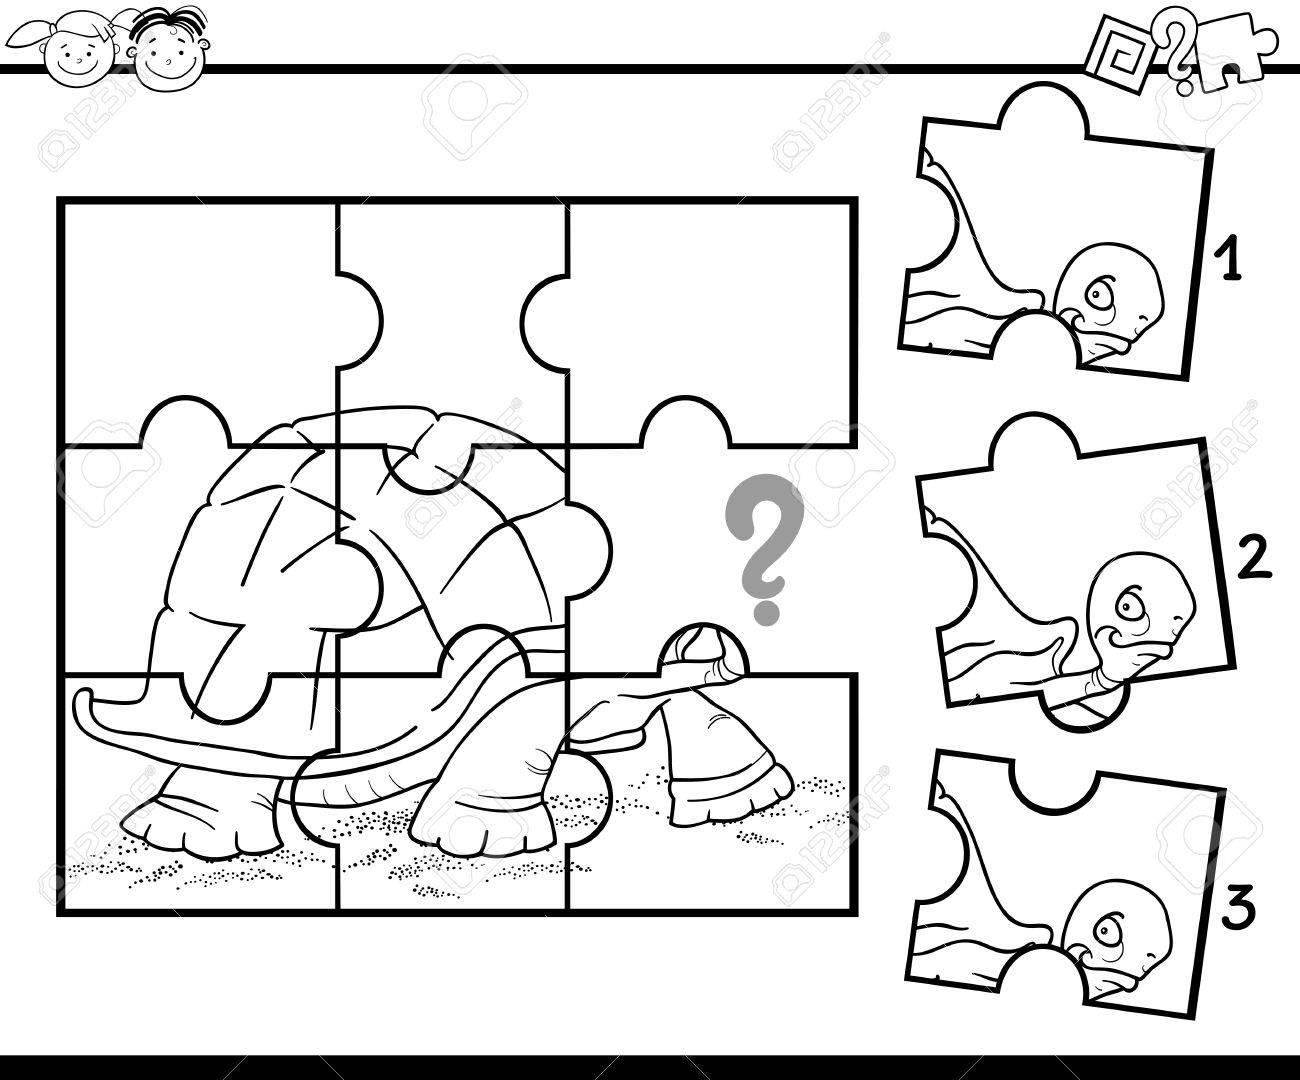 黒と白の漫画イラスト ジグソー パズル教育ゲームのカメの幼稚園児の